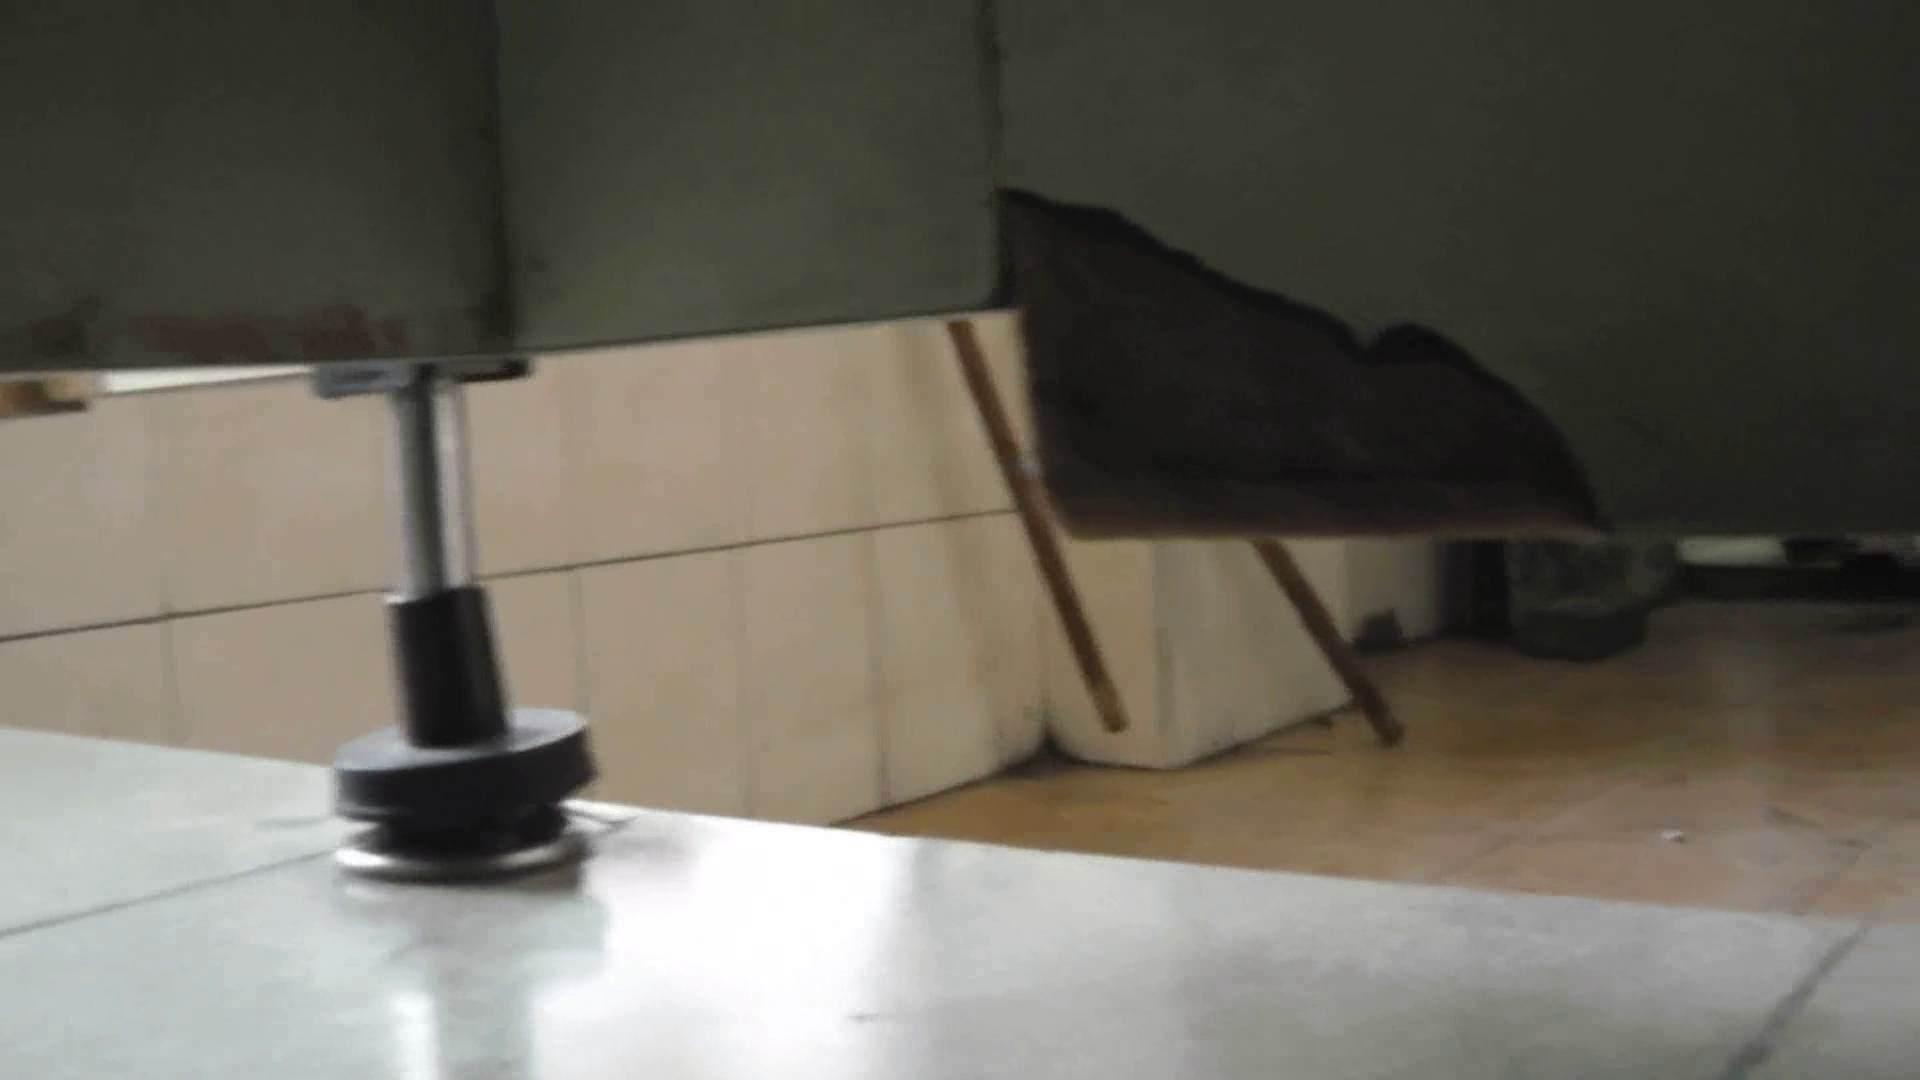 世界の射窓から ステーション編 vol.17厦大女厕偷拍 qianp 洗面所  87PIX 17